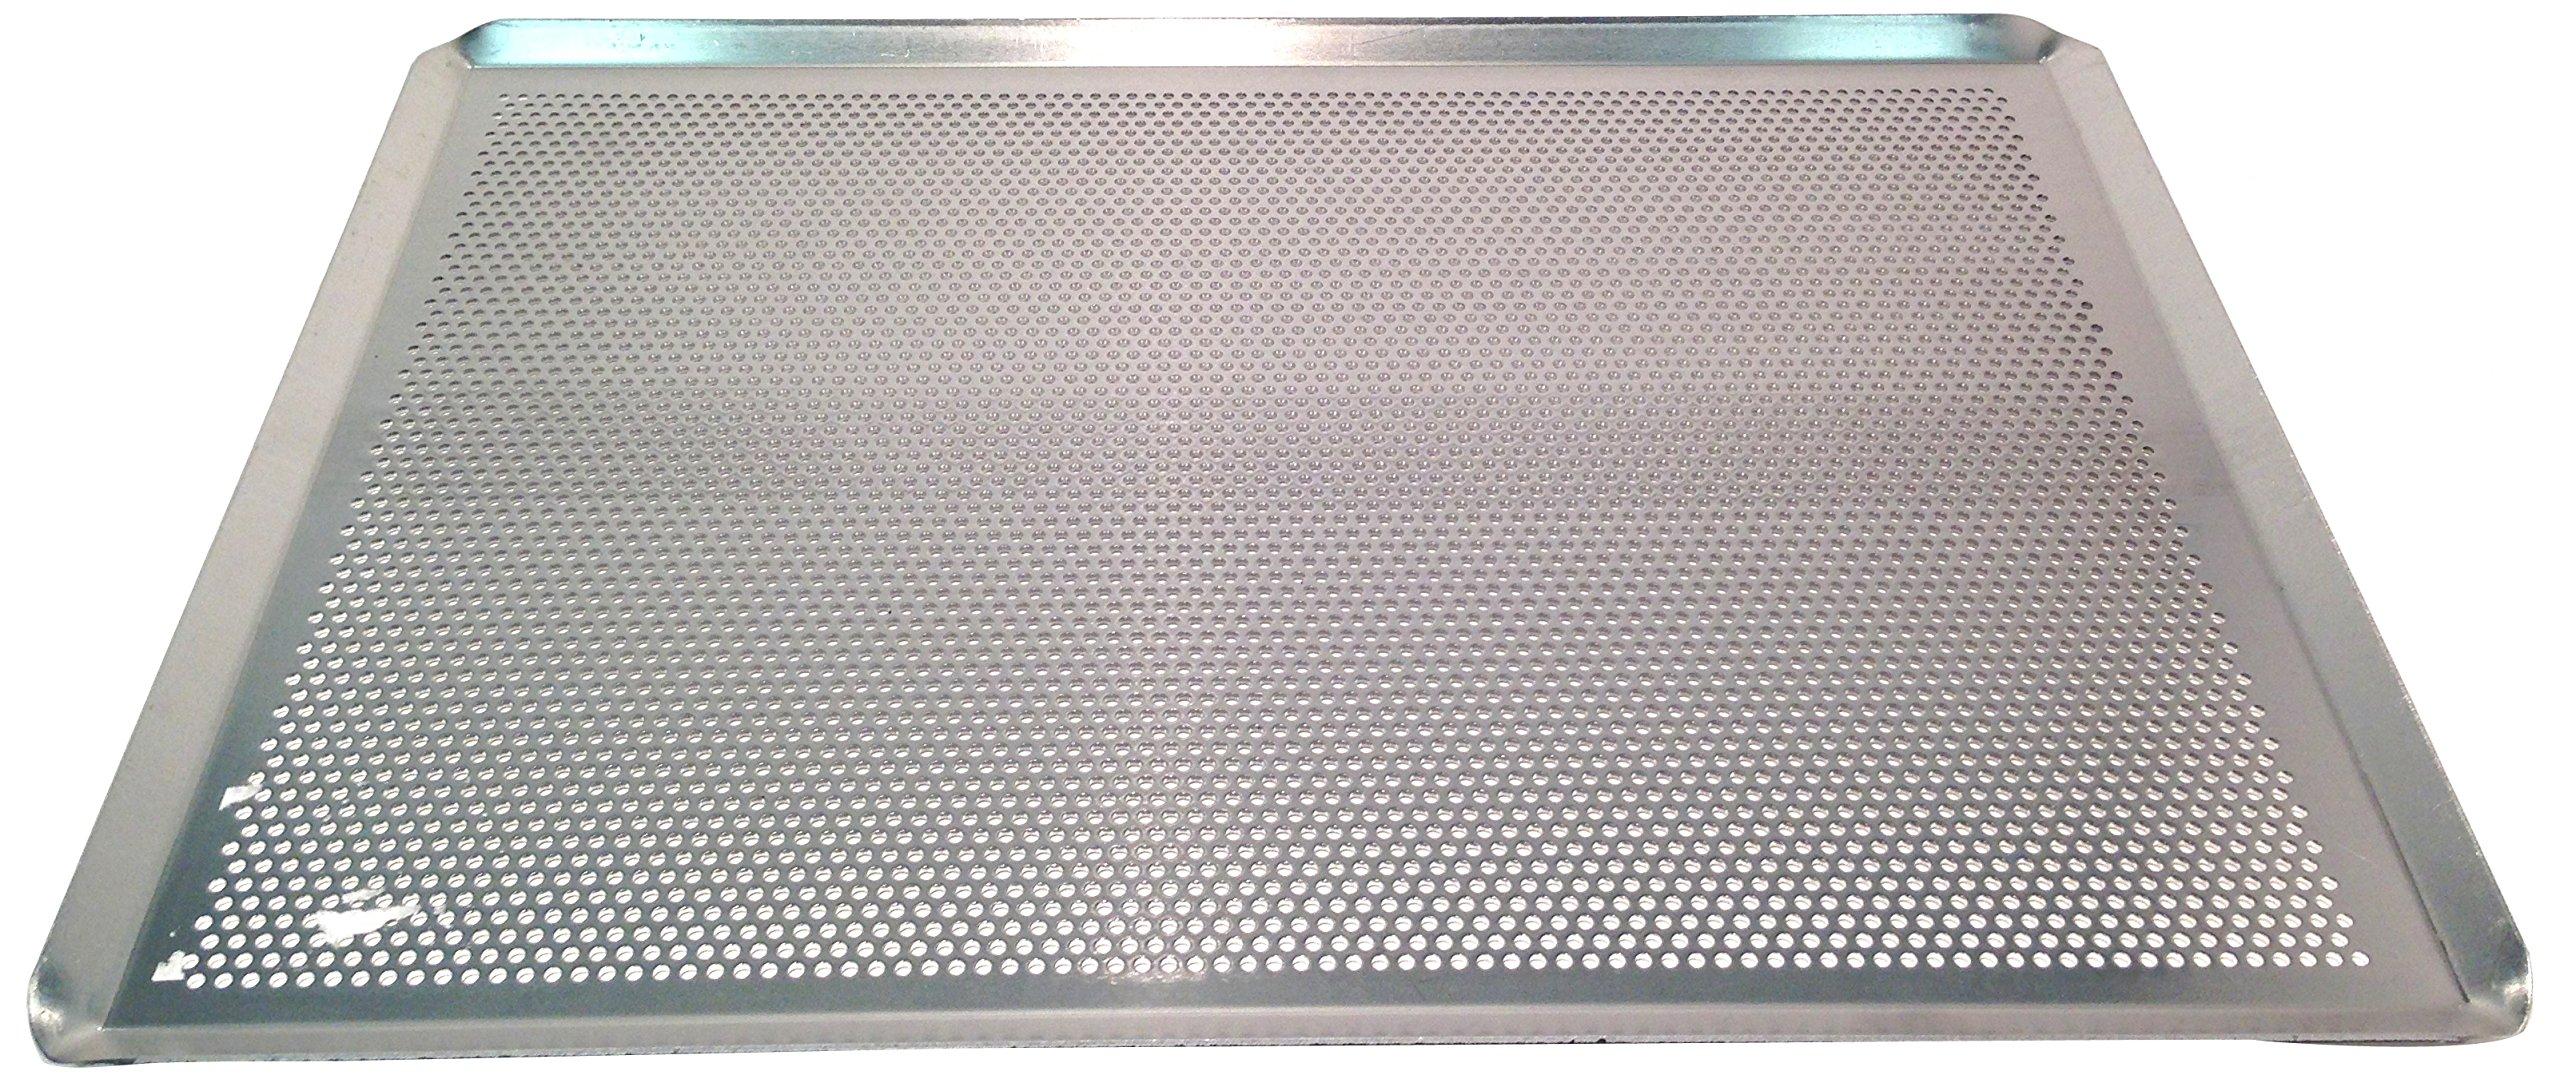 Sasa Demarle HG330460 Aluminum Perforated Sheet Pan, 18'' Length, 13'' Width, 1'' Height by Sasa Demarle (Image #2)